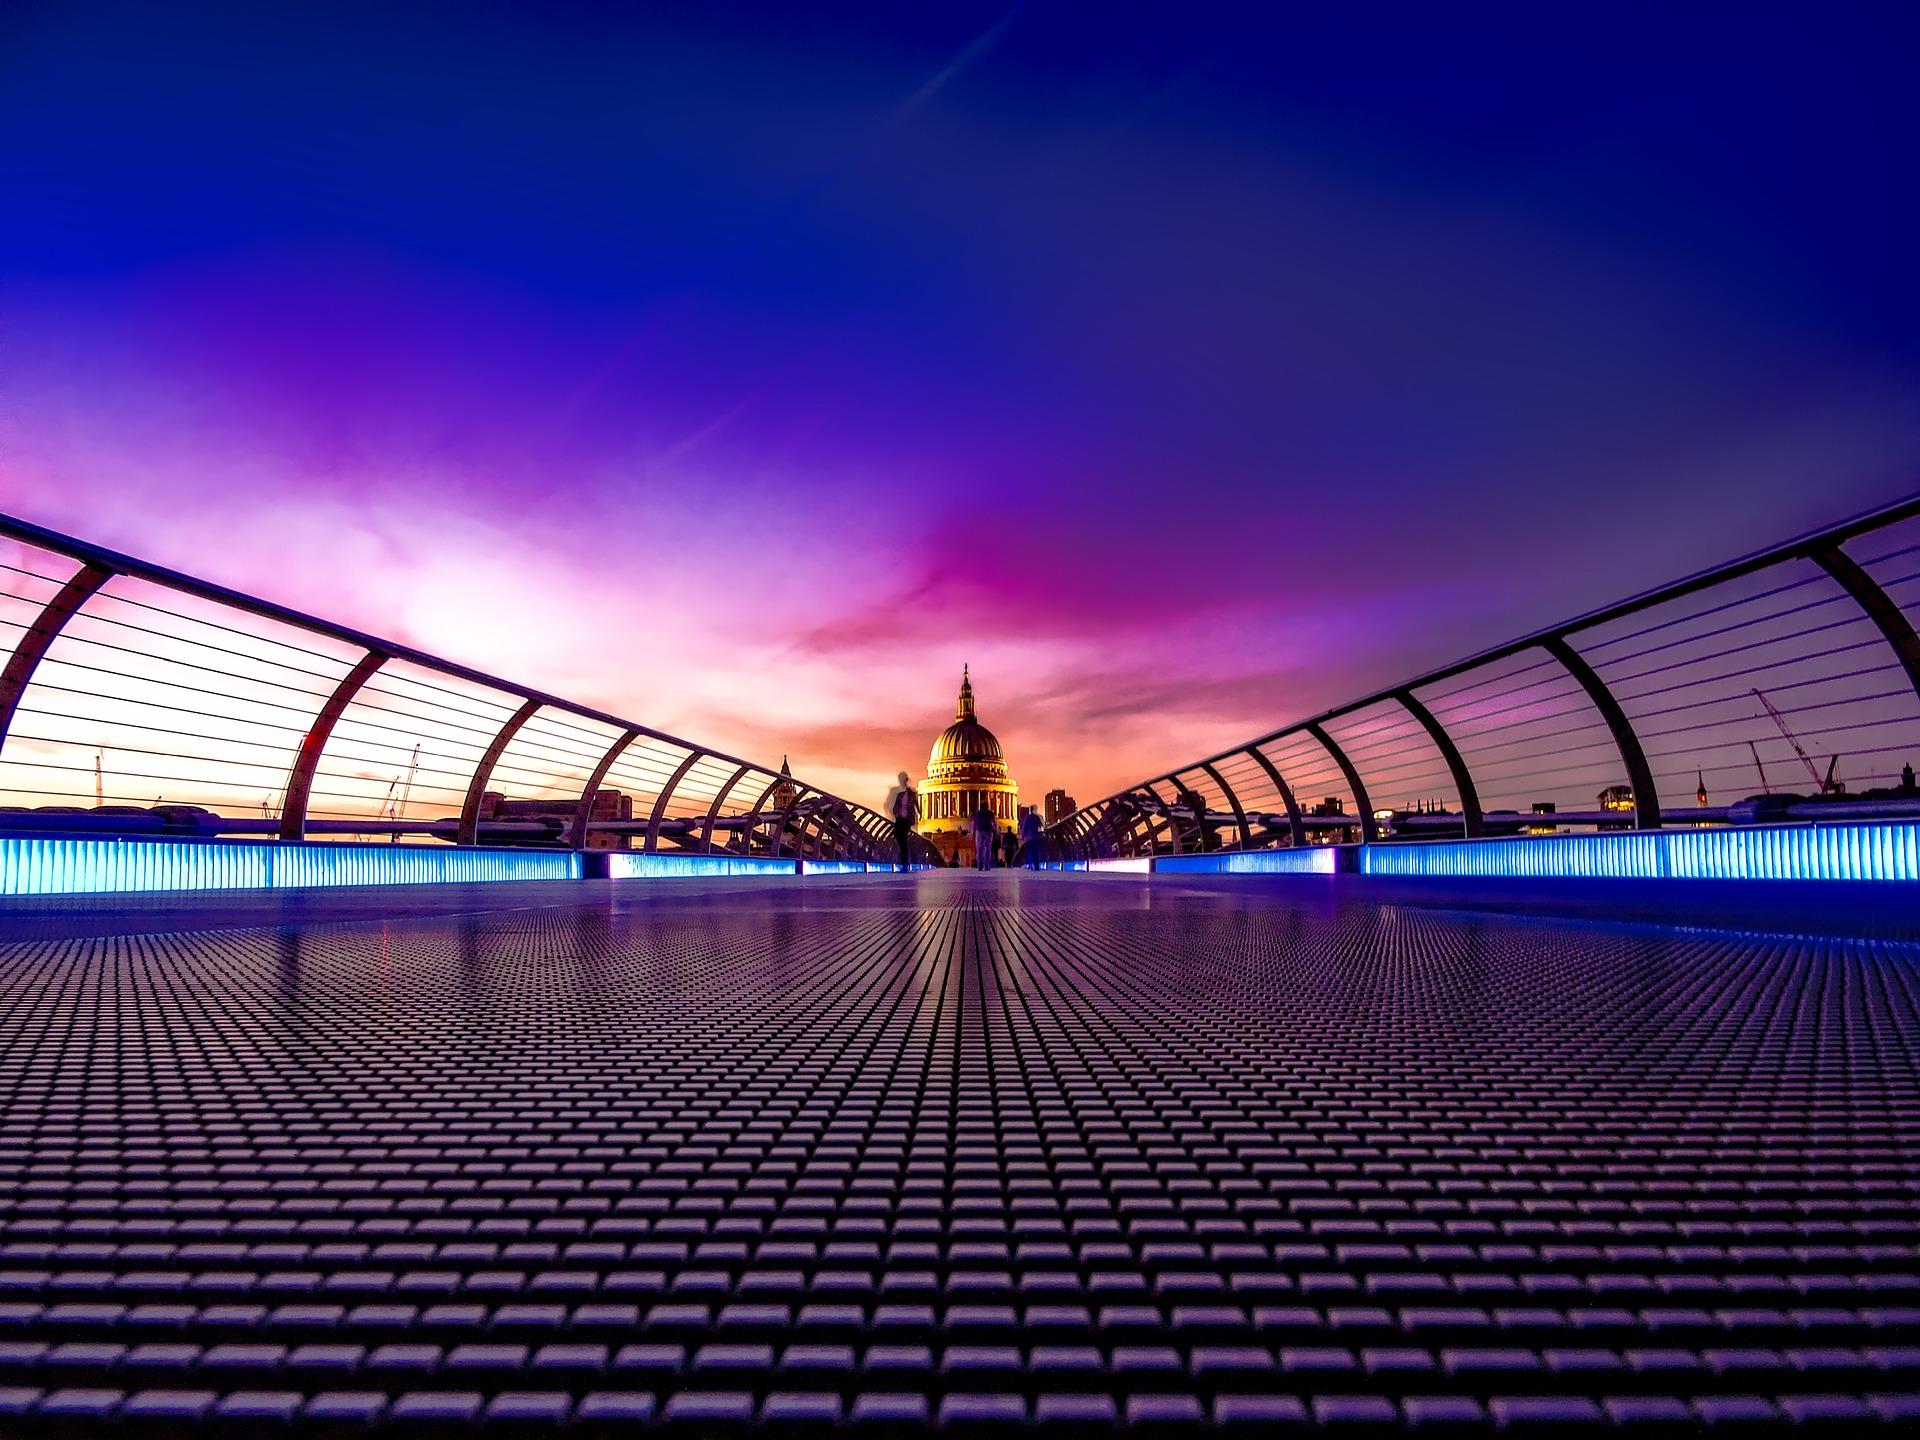 Transports urbains : une nouvelle expérience de voyage - Article paru sur MobiliCités, le portail des transports publics et de la mobilité - 28/03/2017